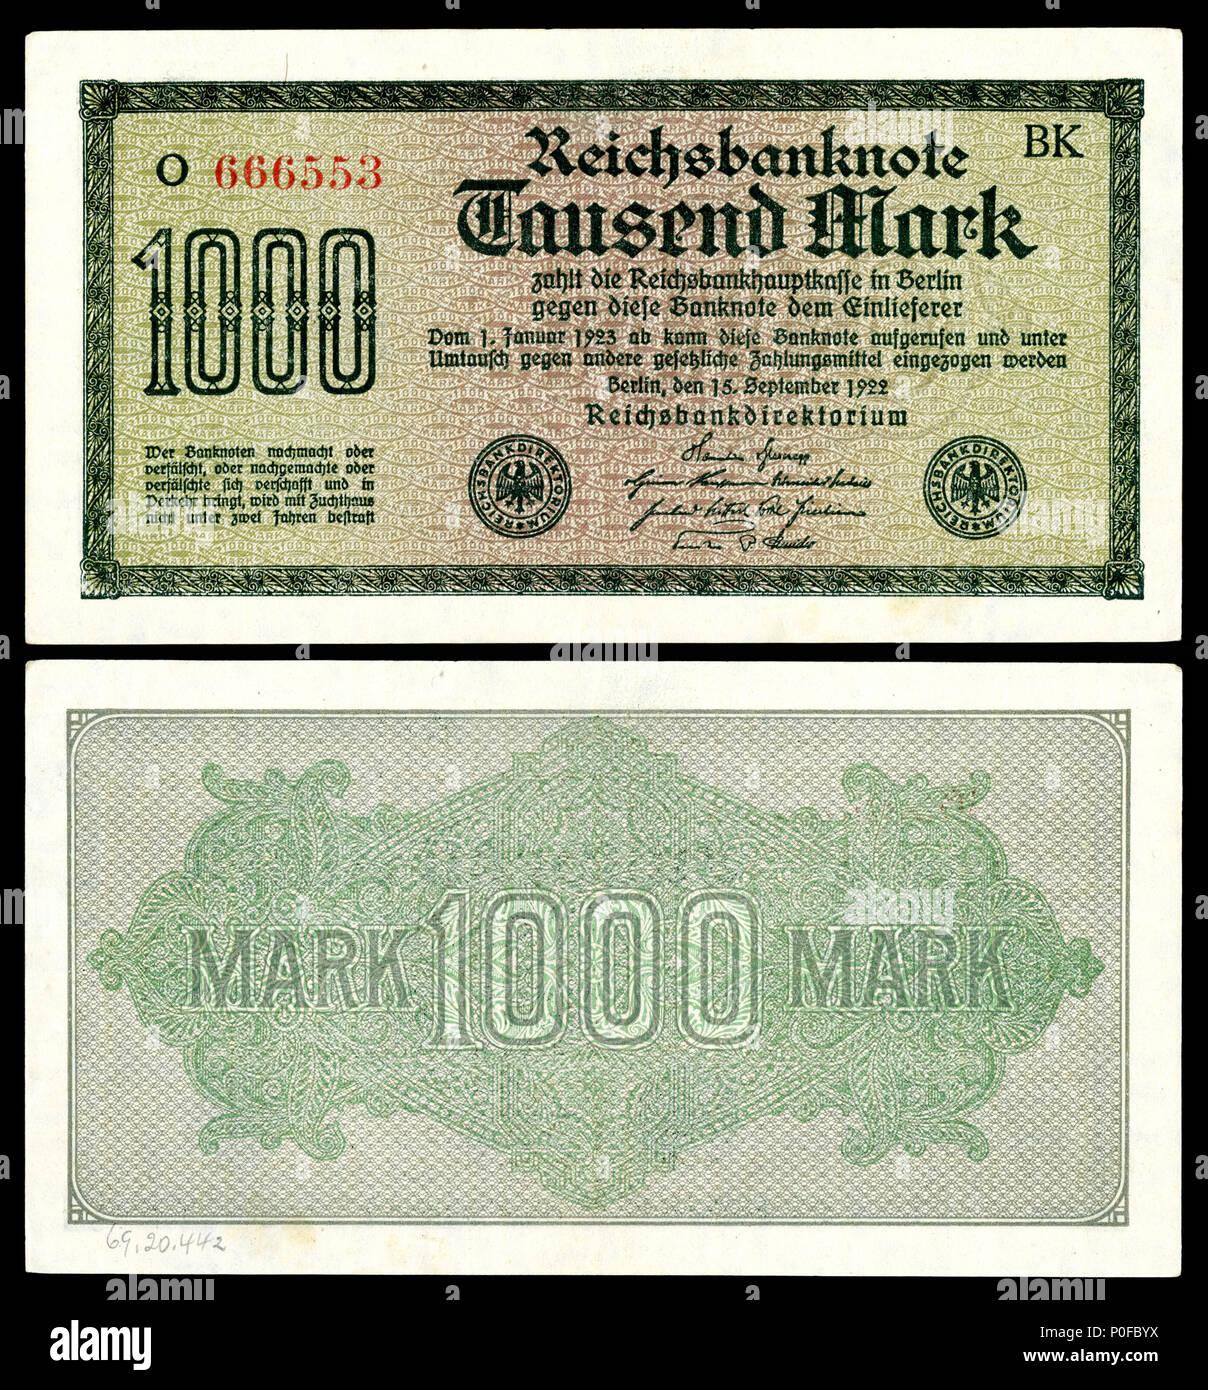 German Reich Weimar Republic Banknote 1000 Mark